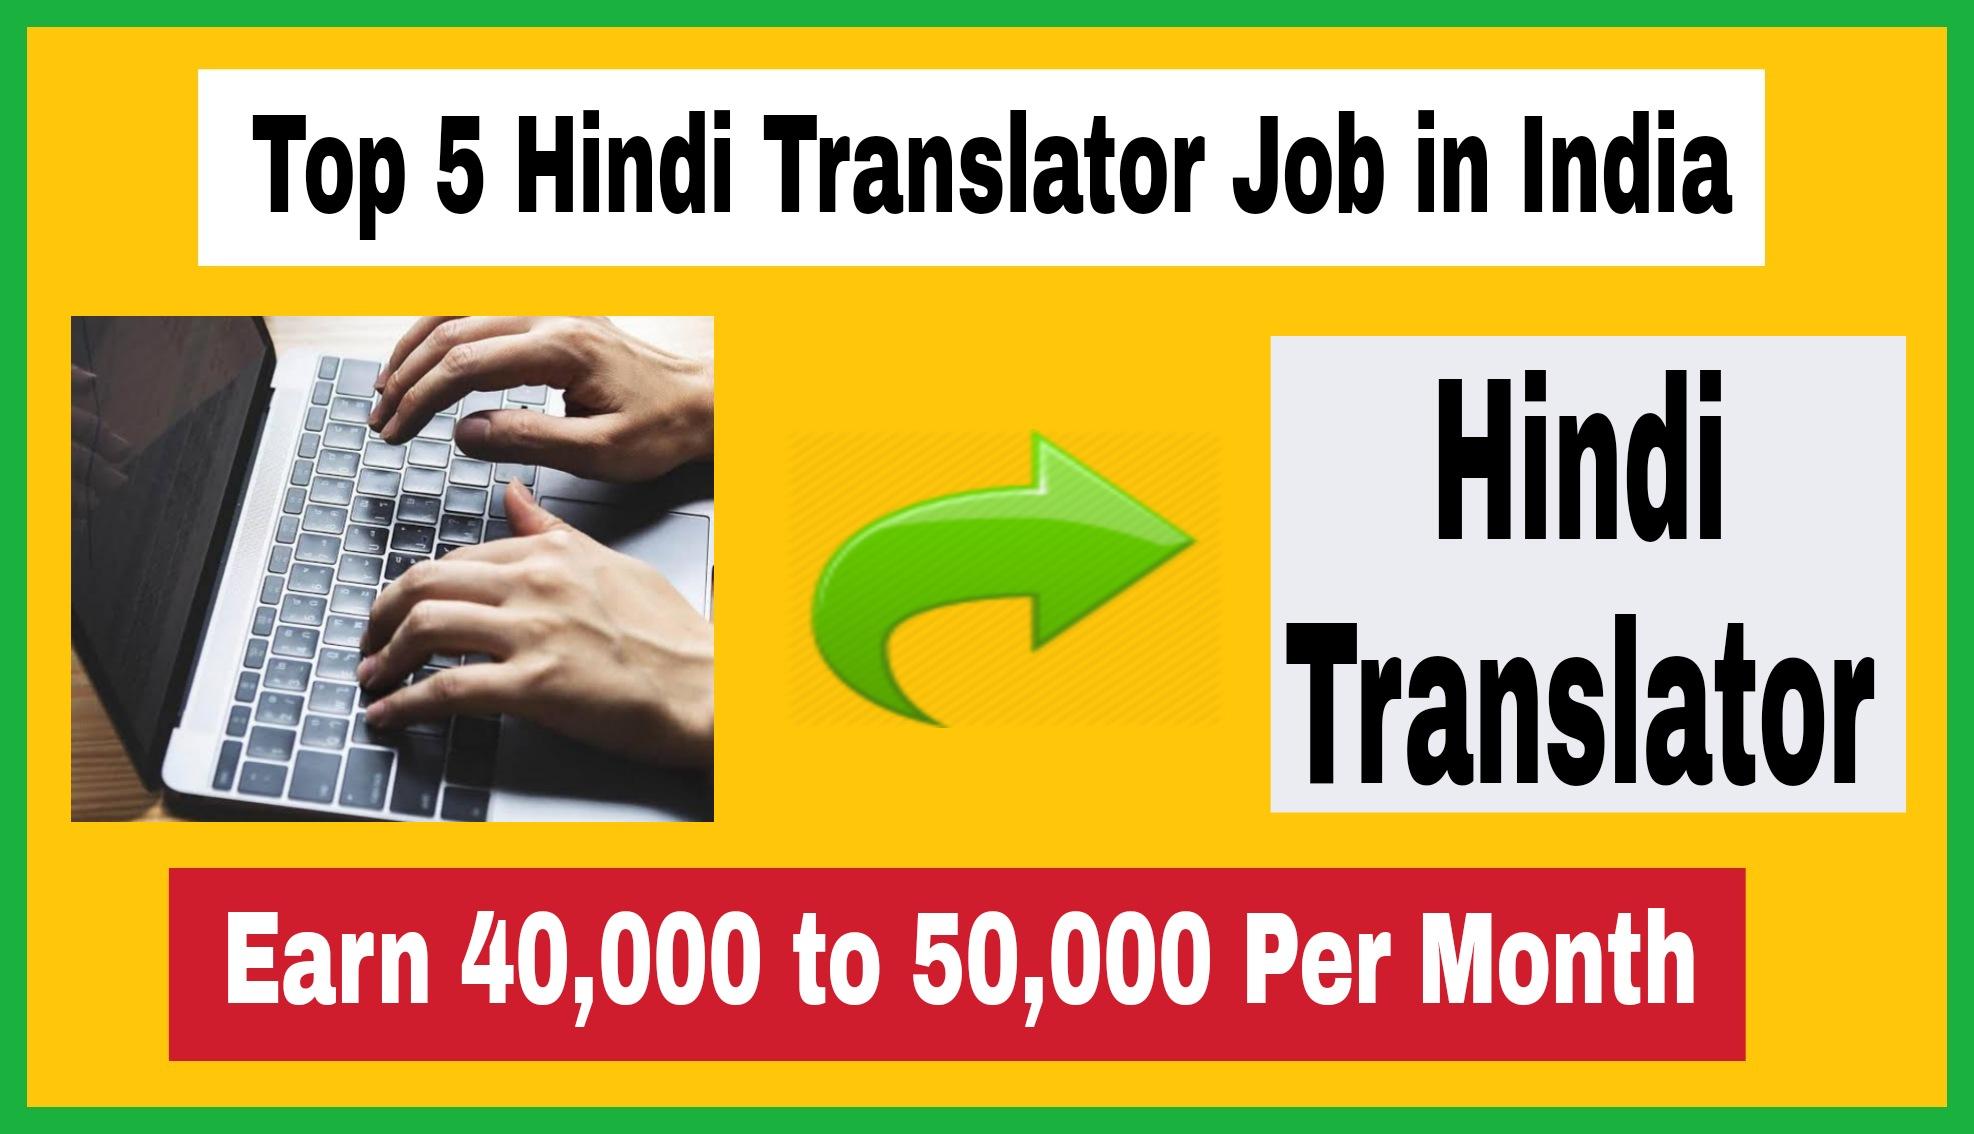 Top 5 Hindi Translator Job in India